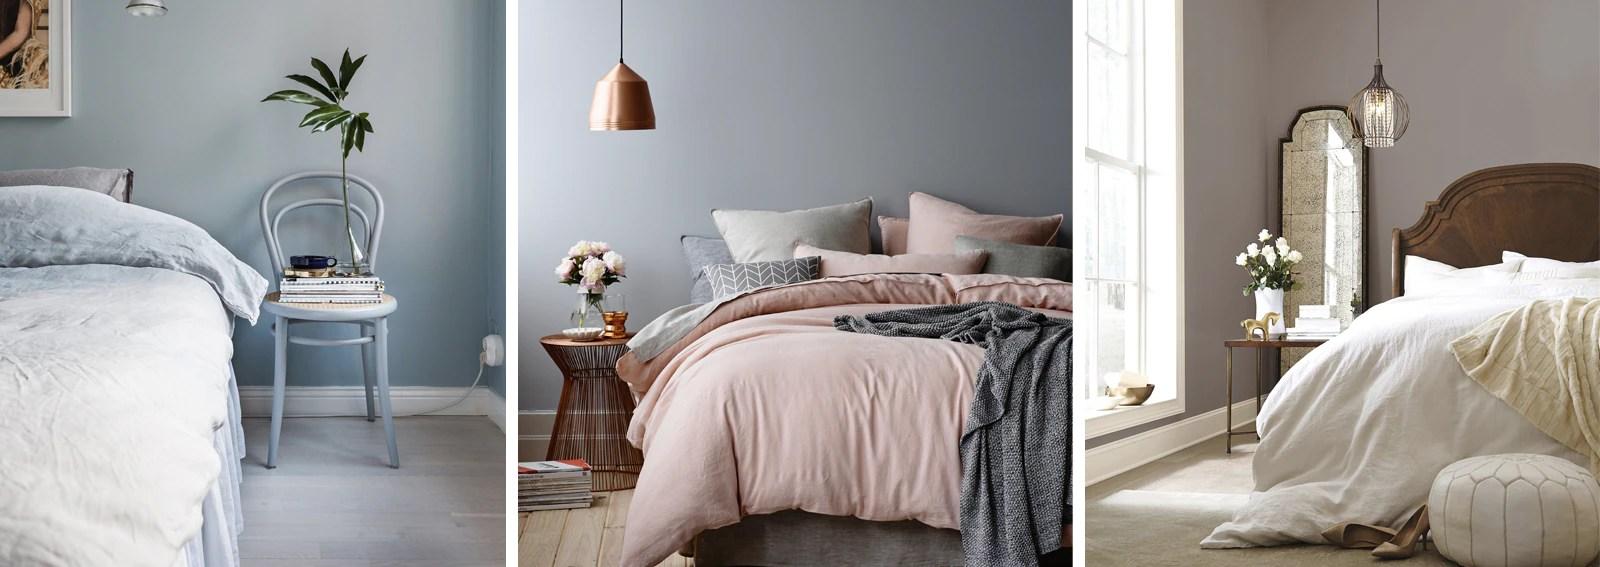 La camera da letto!6 consigli per arredare: 8 Coppie Di Colori Perfette Per La Camera Da Letto Grazia It